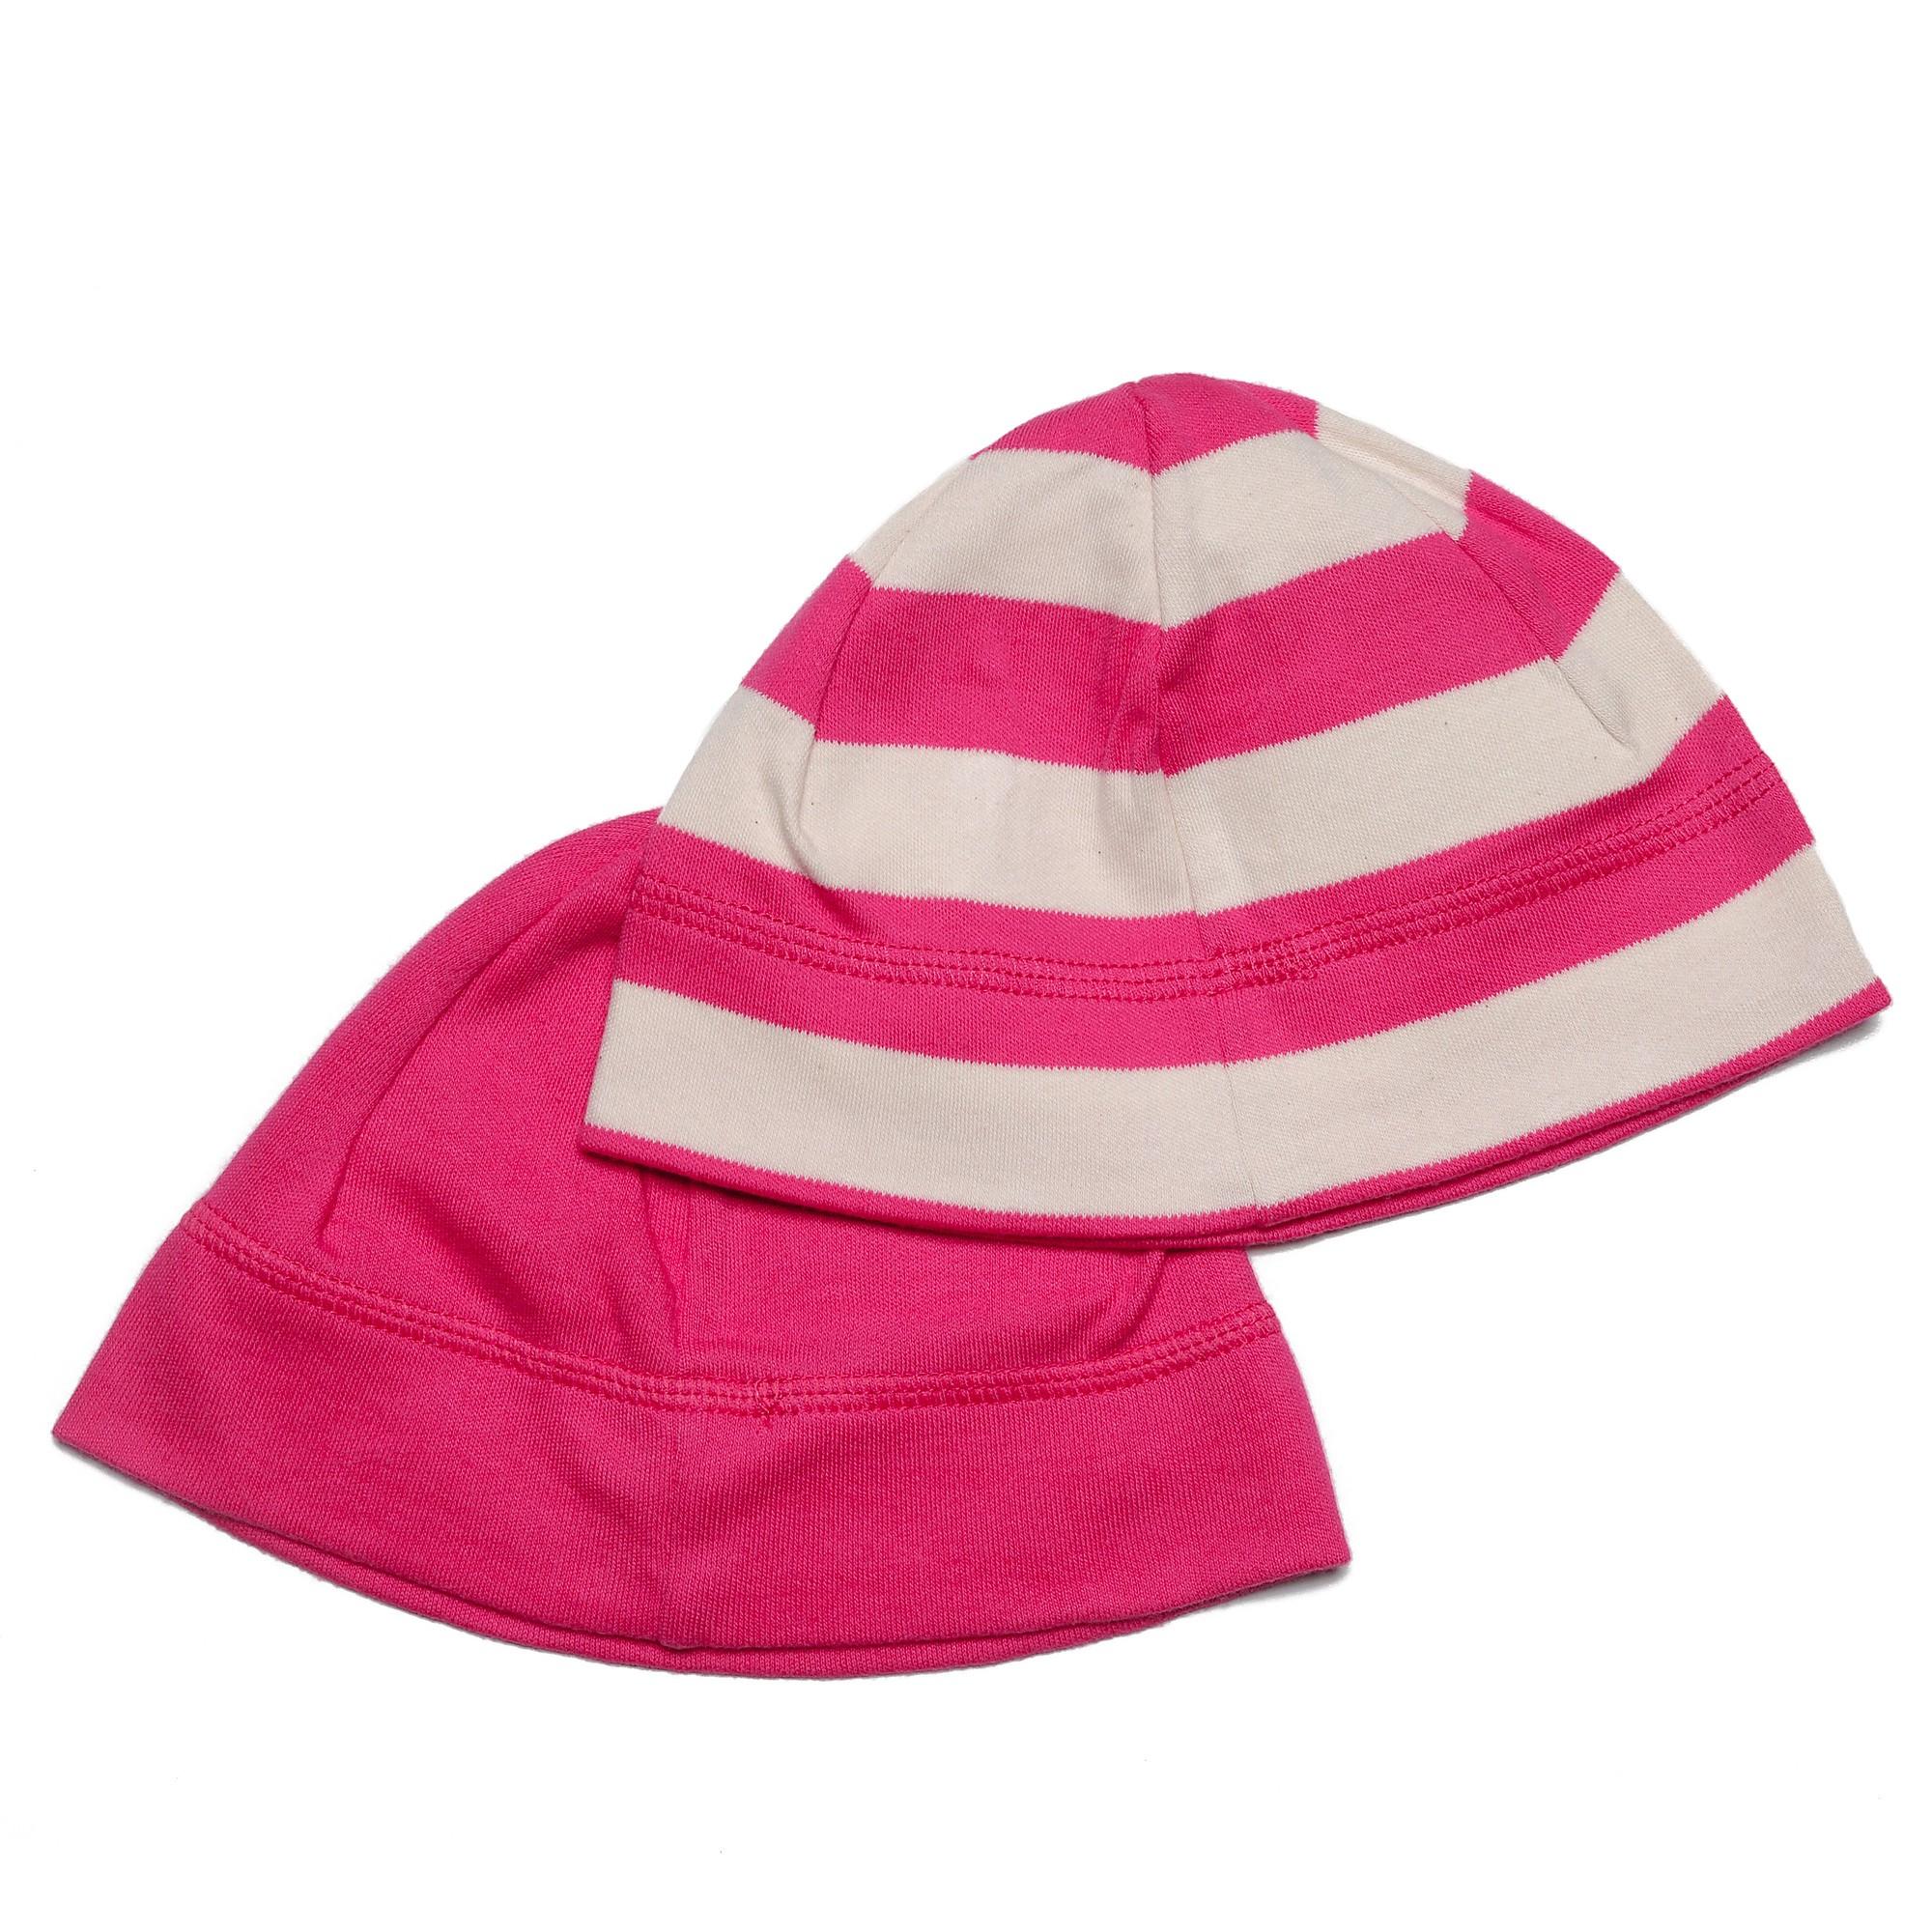 McKenzie Grover 2 Pack Jersey Hat